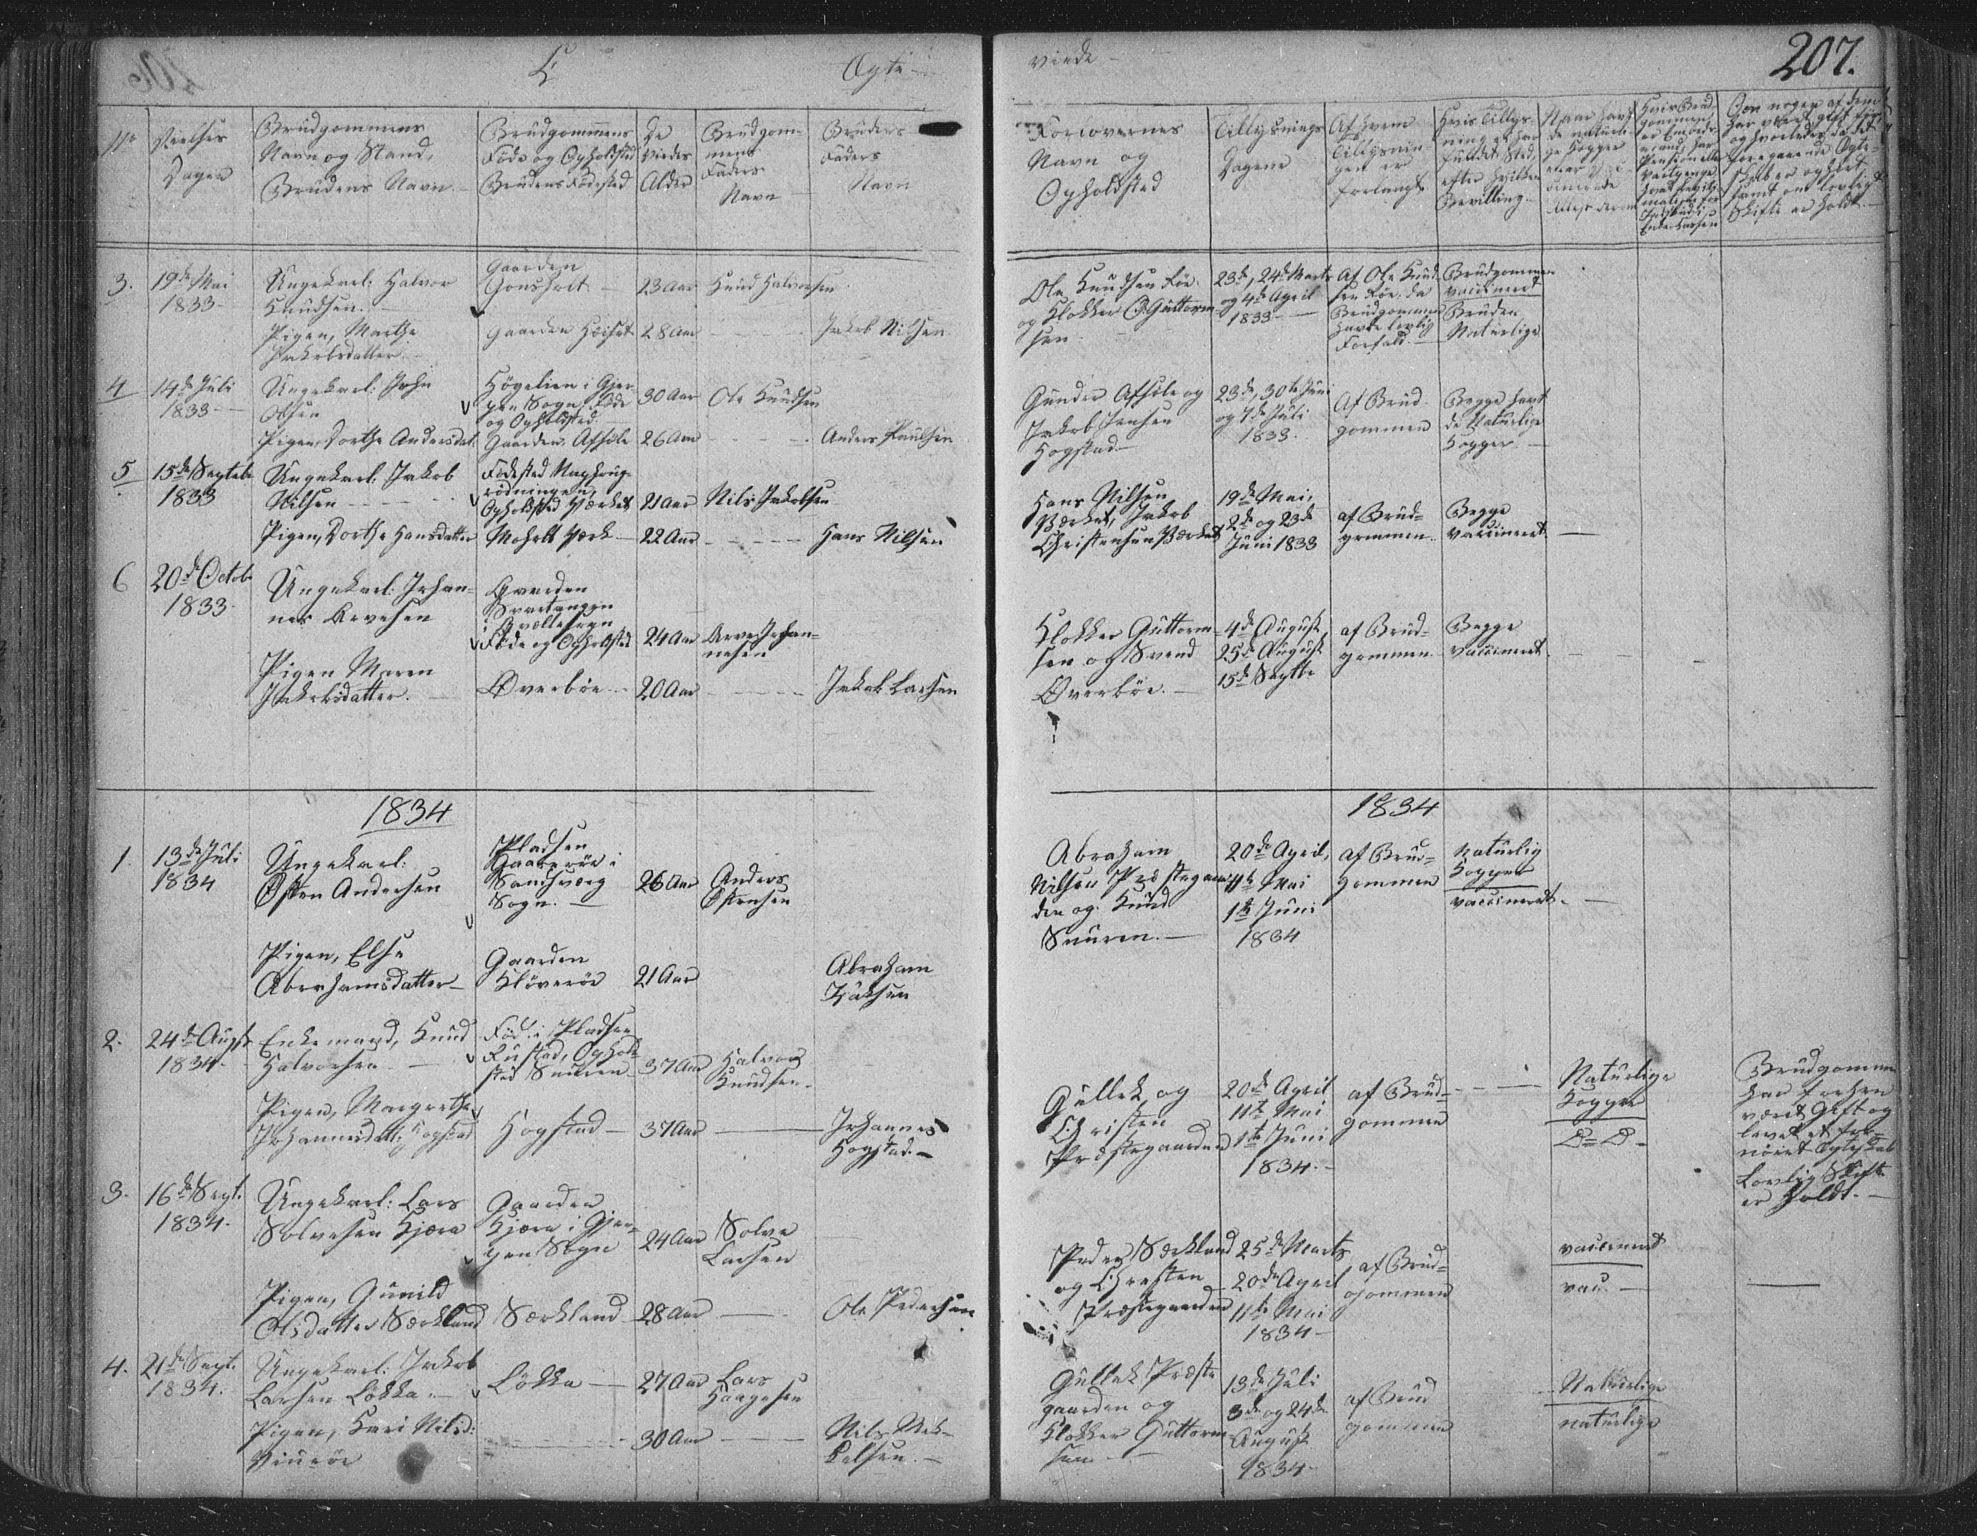 SAKO, Siljan kirkebøker, F/Fa/L0001: Ministerialbok nr. 1, 1831-1870, s. 207